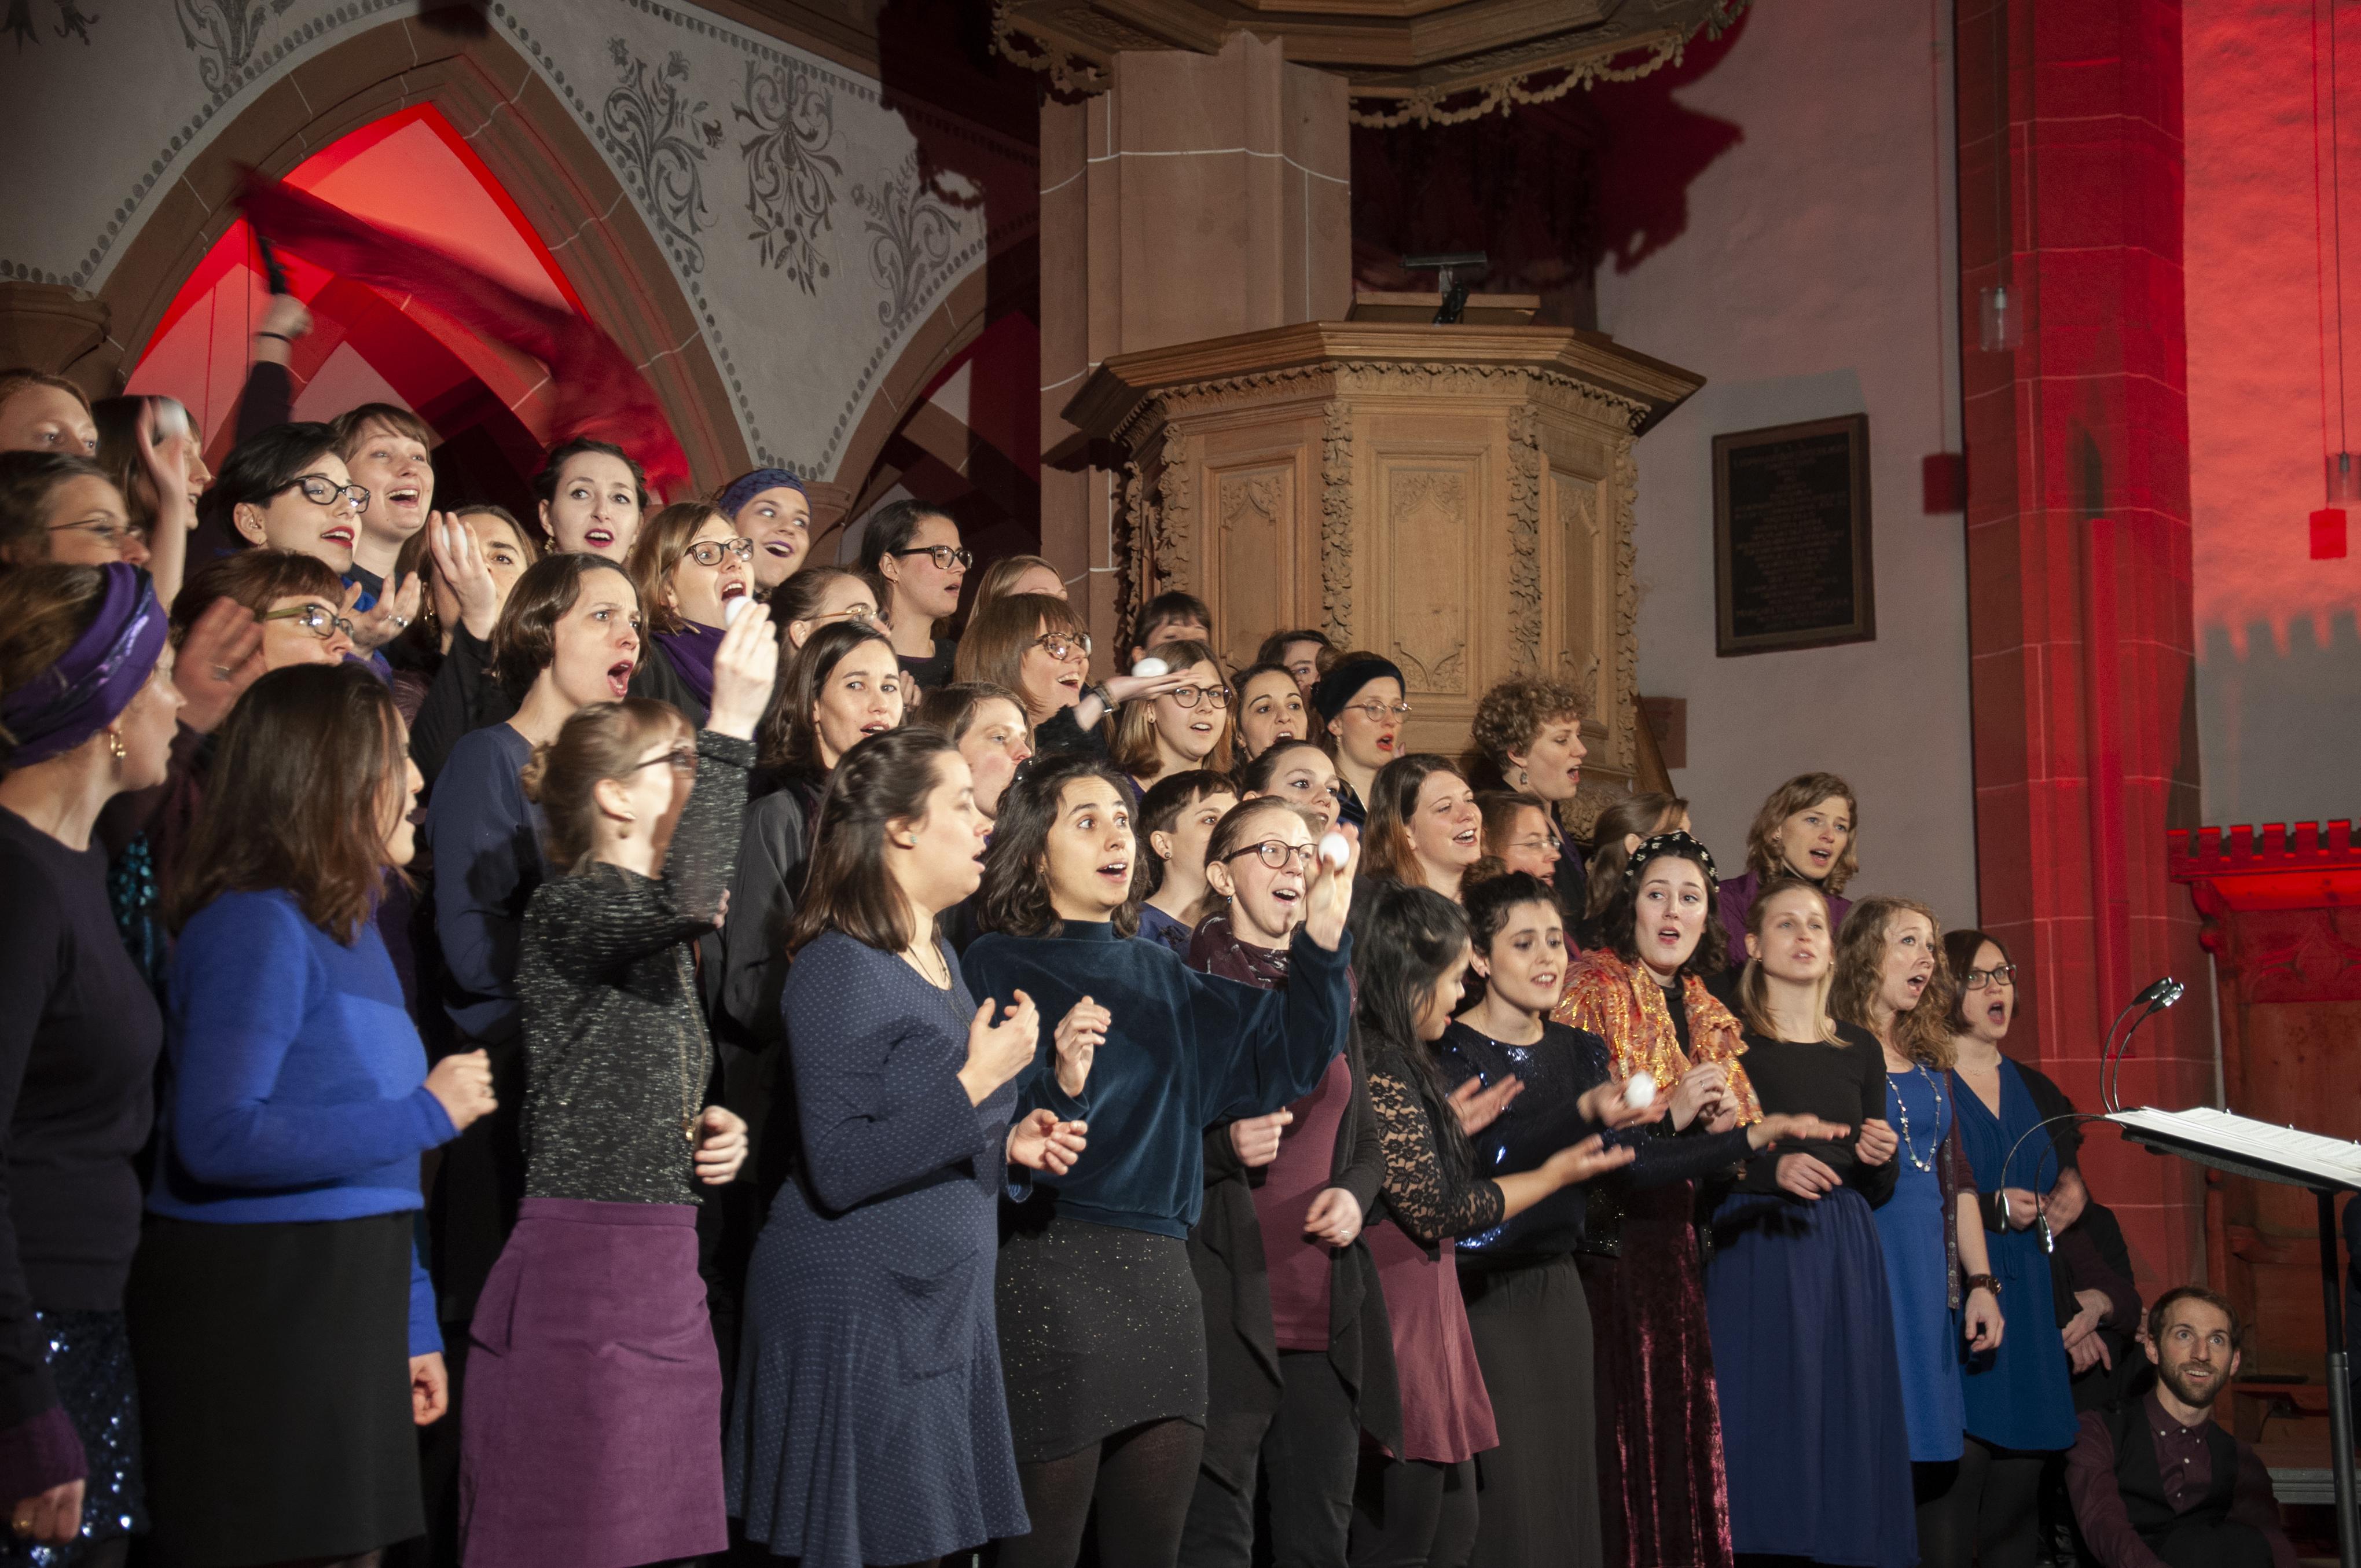 Magisch Konzert in der Leonhardskirche Basel 2020